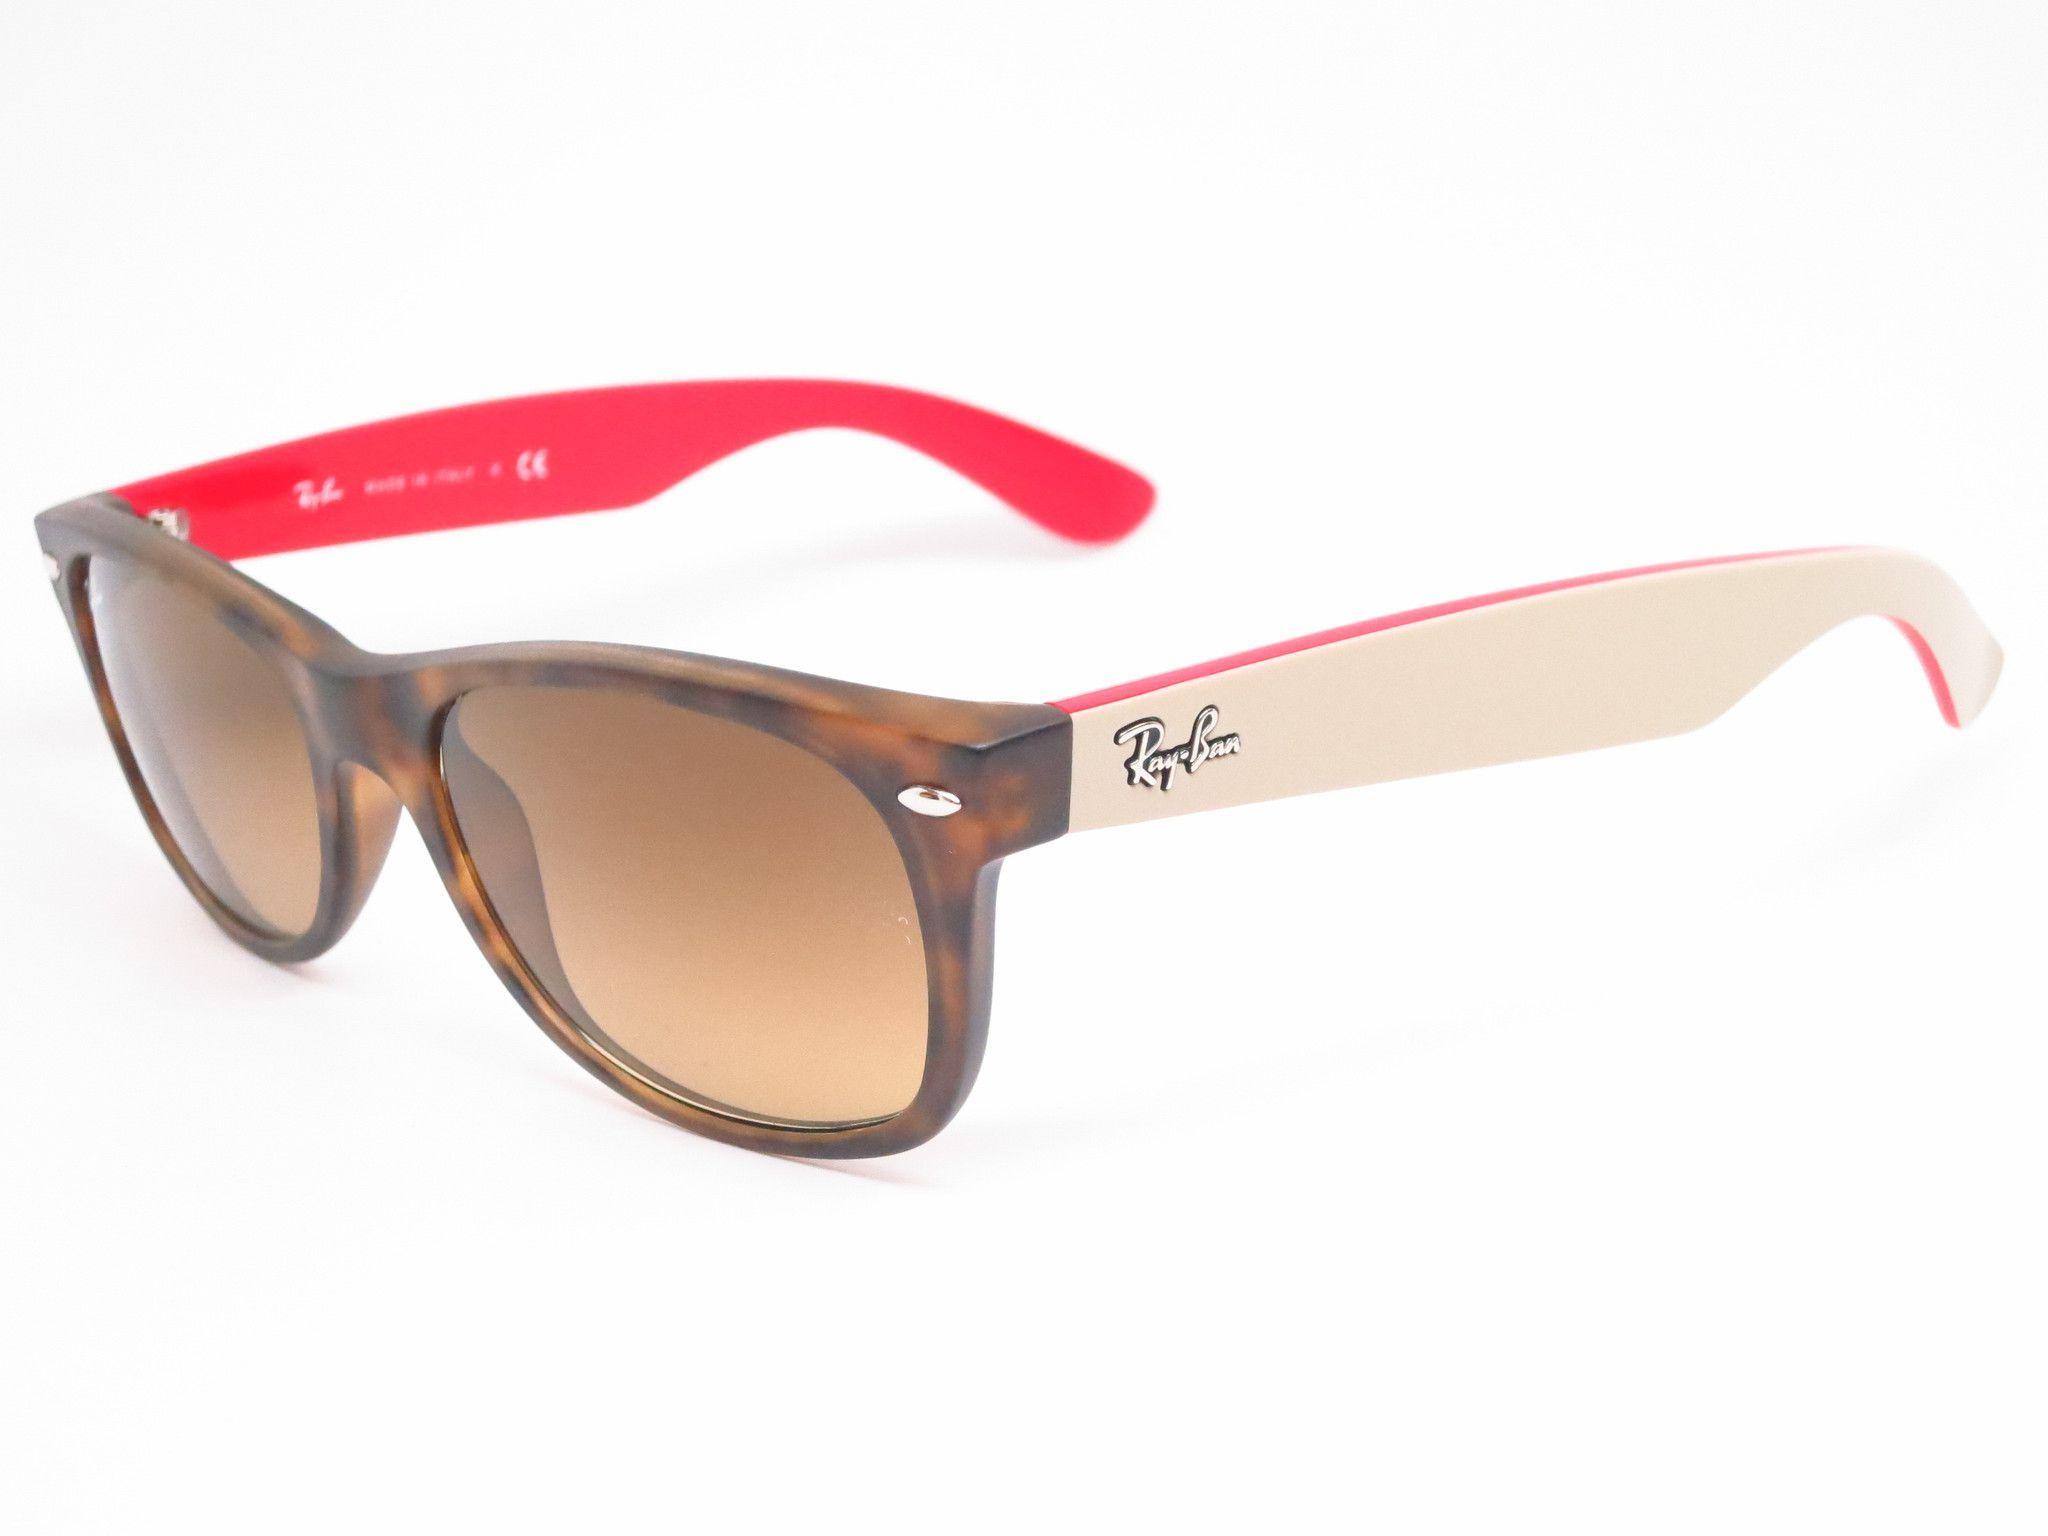 Ray-Ban RB 2132 New Wayfarer 6181 85 Matte Havana Sunglasses   Pinterest 1a0defca23